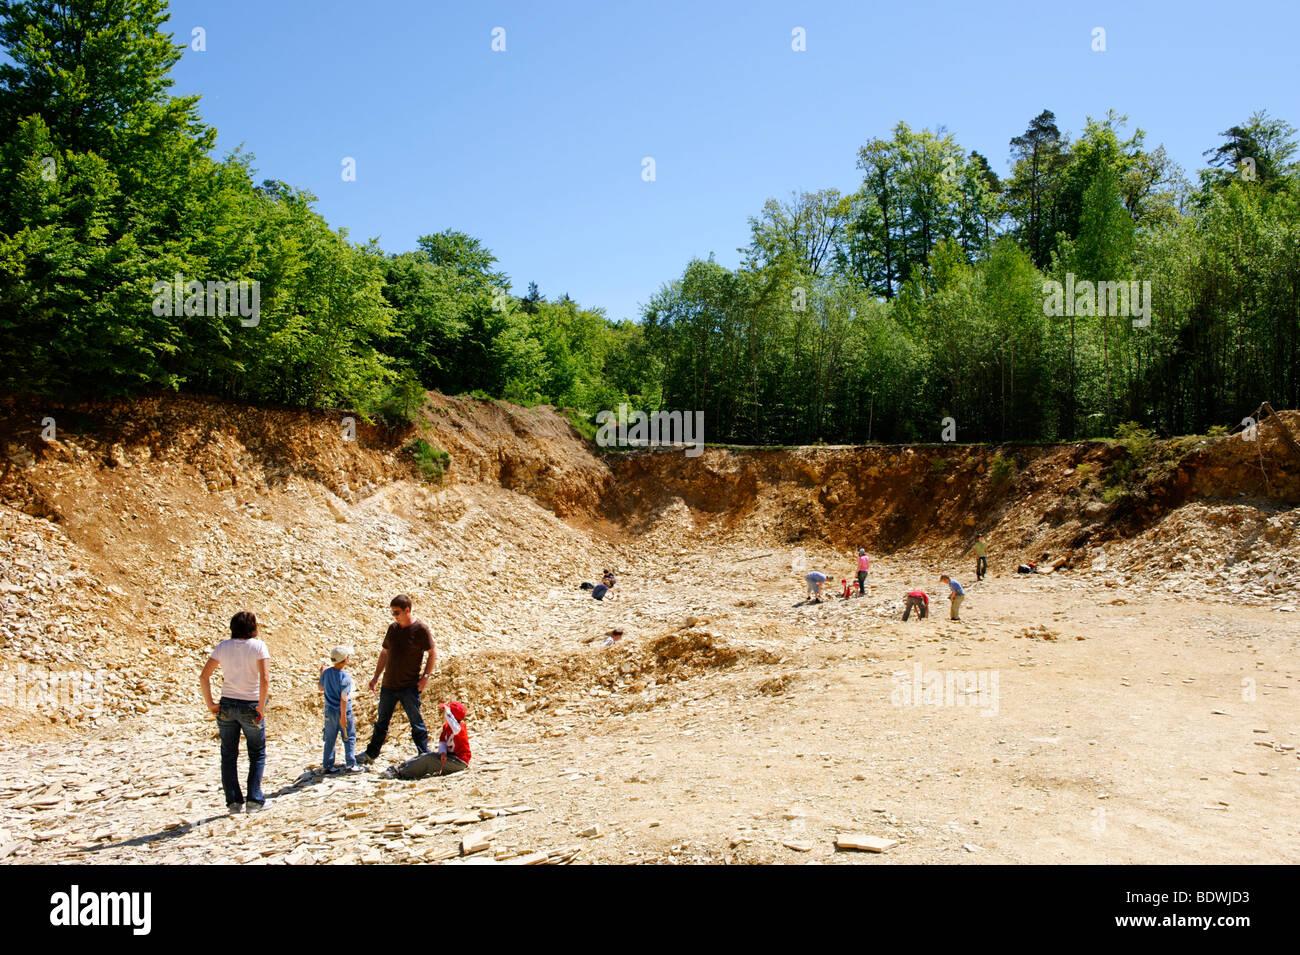 La recherche de fossiles de la carrière de calcaire, pour les collectionneurs de fossiles près de Solnhofen Photo Stock